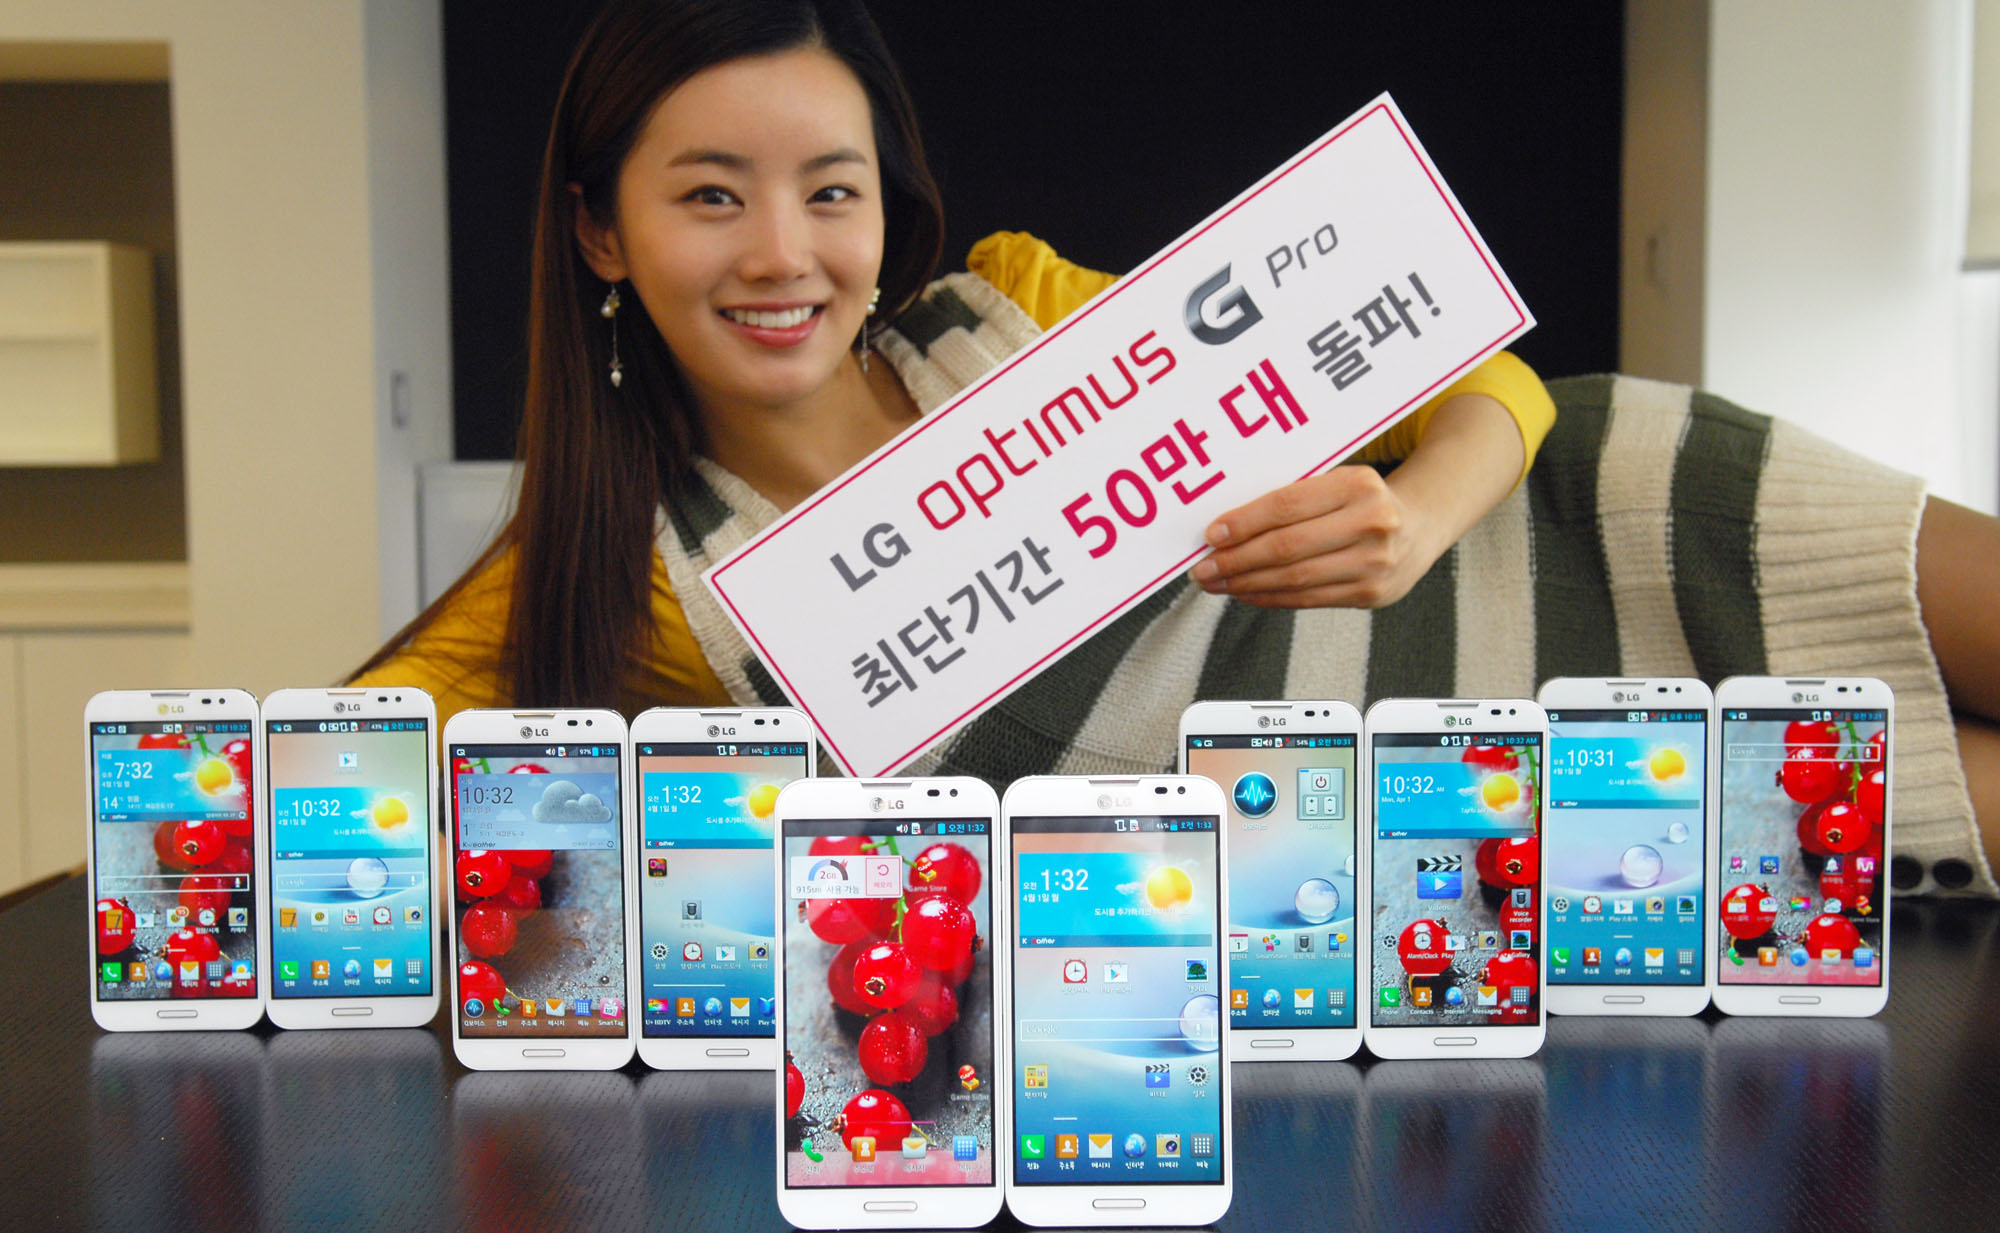 LG G Pro 2: i rumors sulla scheda tecnica